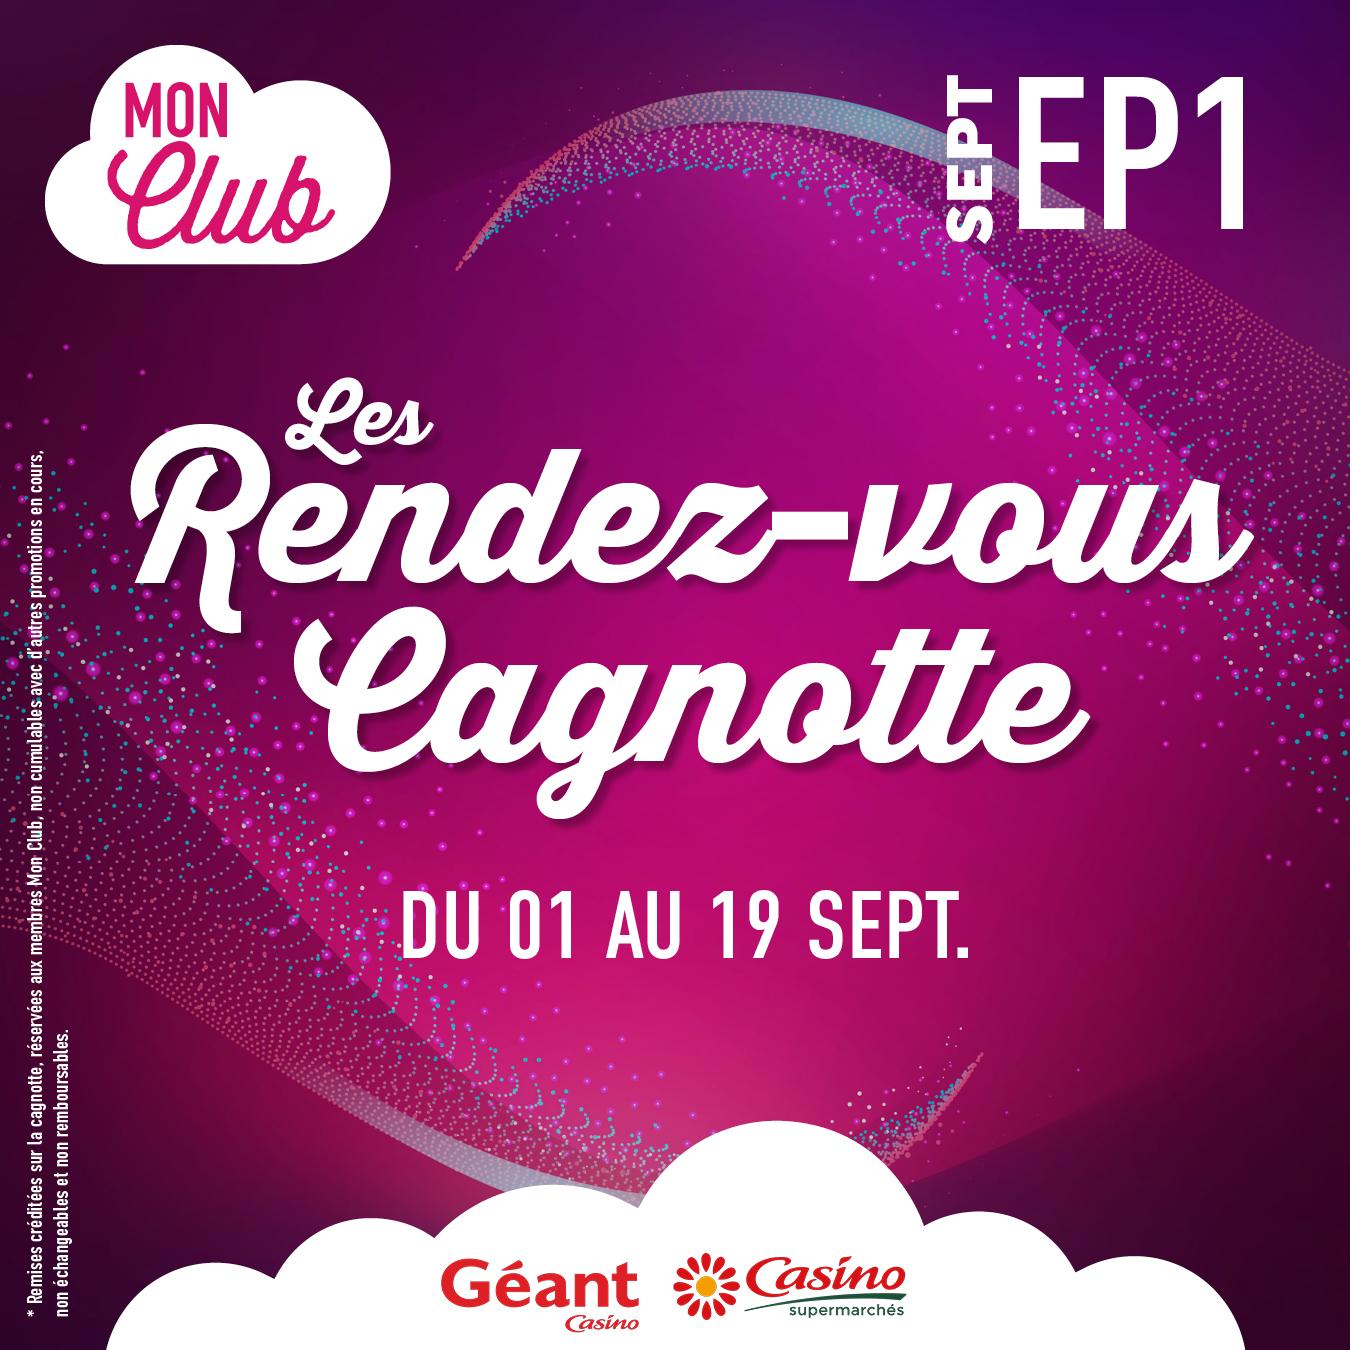 Les Rendez-vous Cagnotte – Septembre – Episode 1